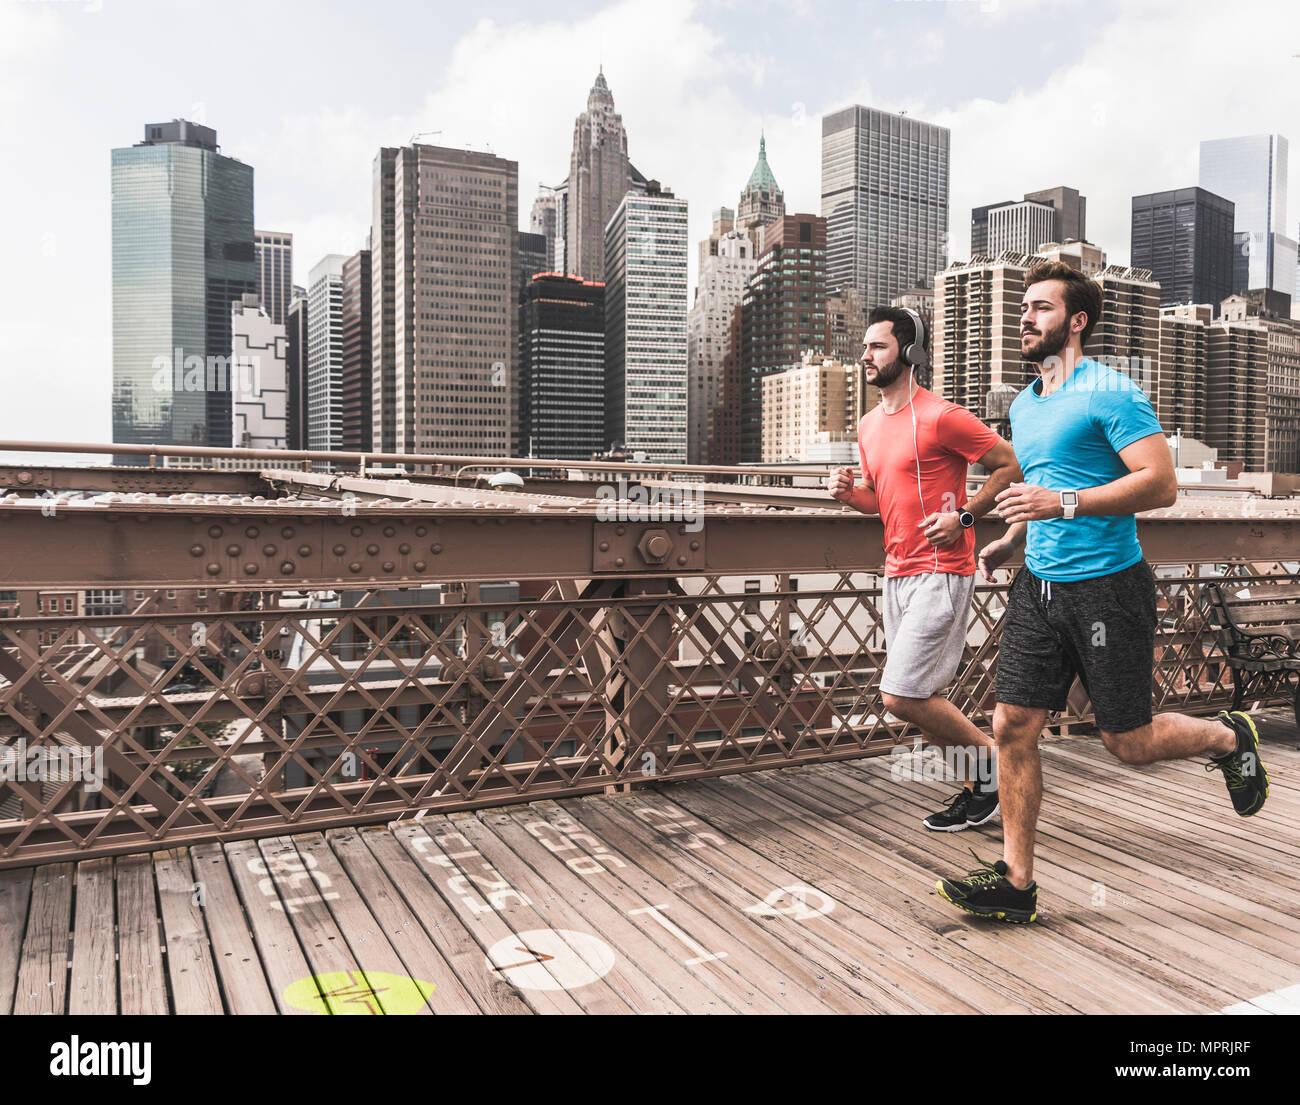 USA, New York City, zwei Männer, die auf Brooklyn Brige mit Daten, die auf dem Boden Stockbild